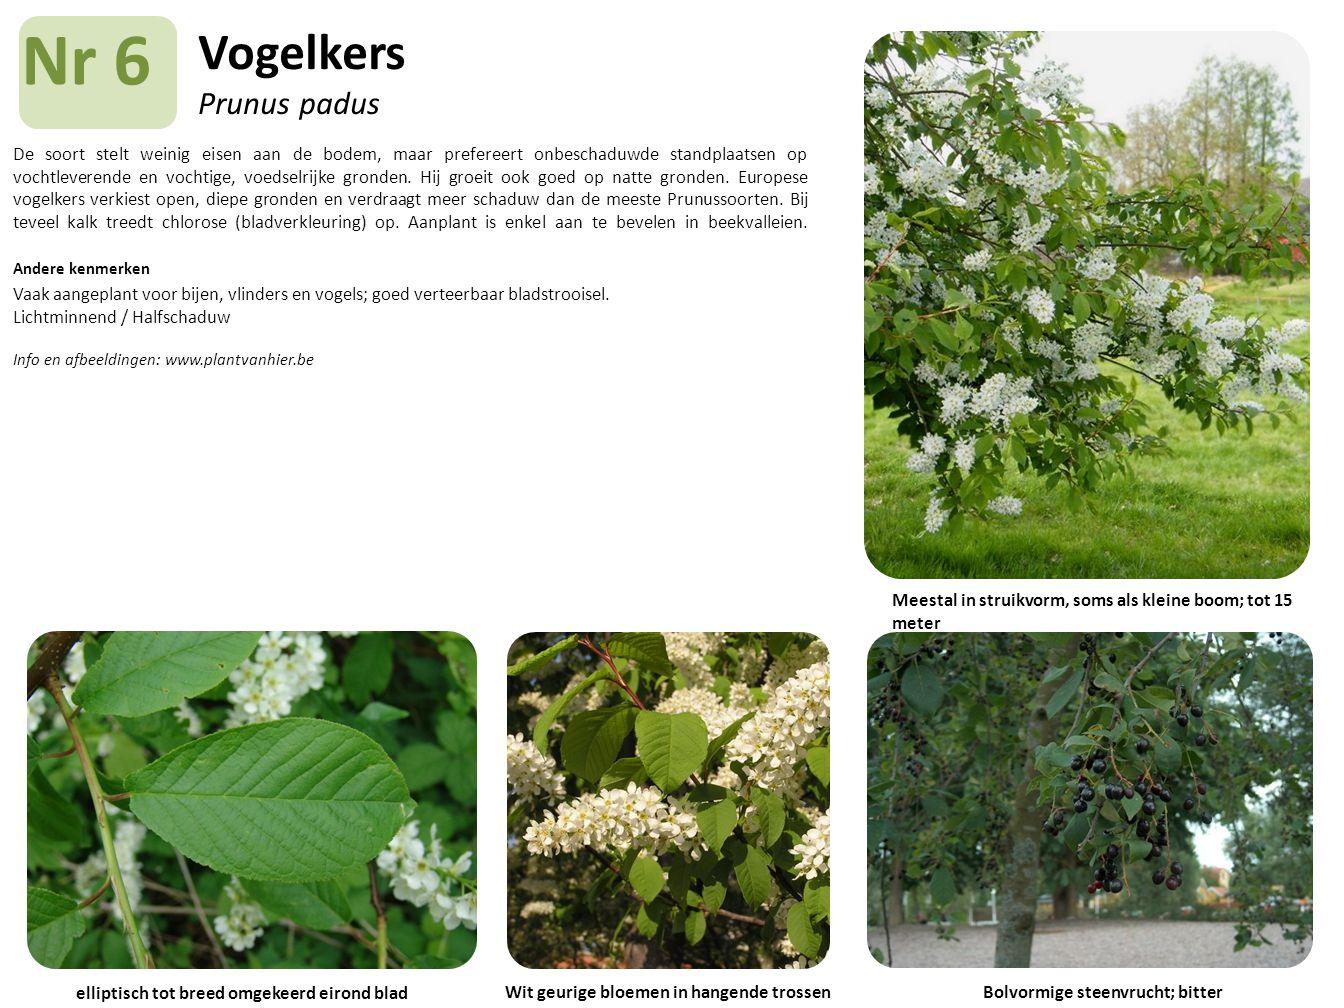 Vogelkers Prunus padus De soort stelt weinig eisen aan de bodem, maar prefereert onbeschaduwde standplaatsen op vochtleverende en vochtige, voedselrij